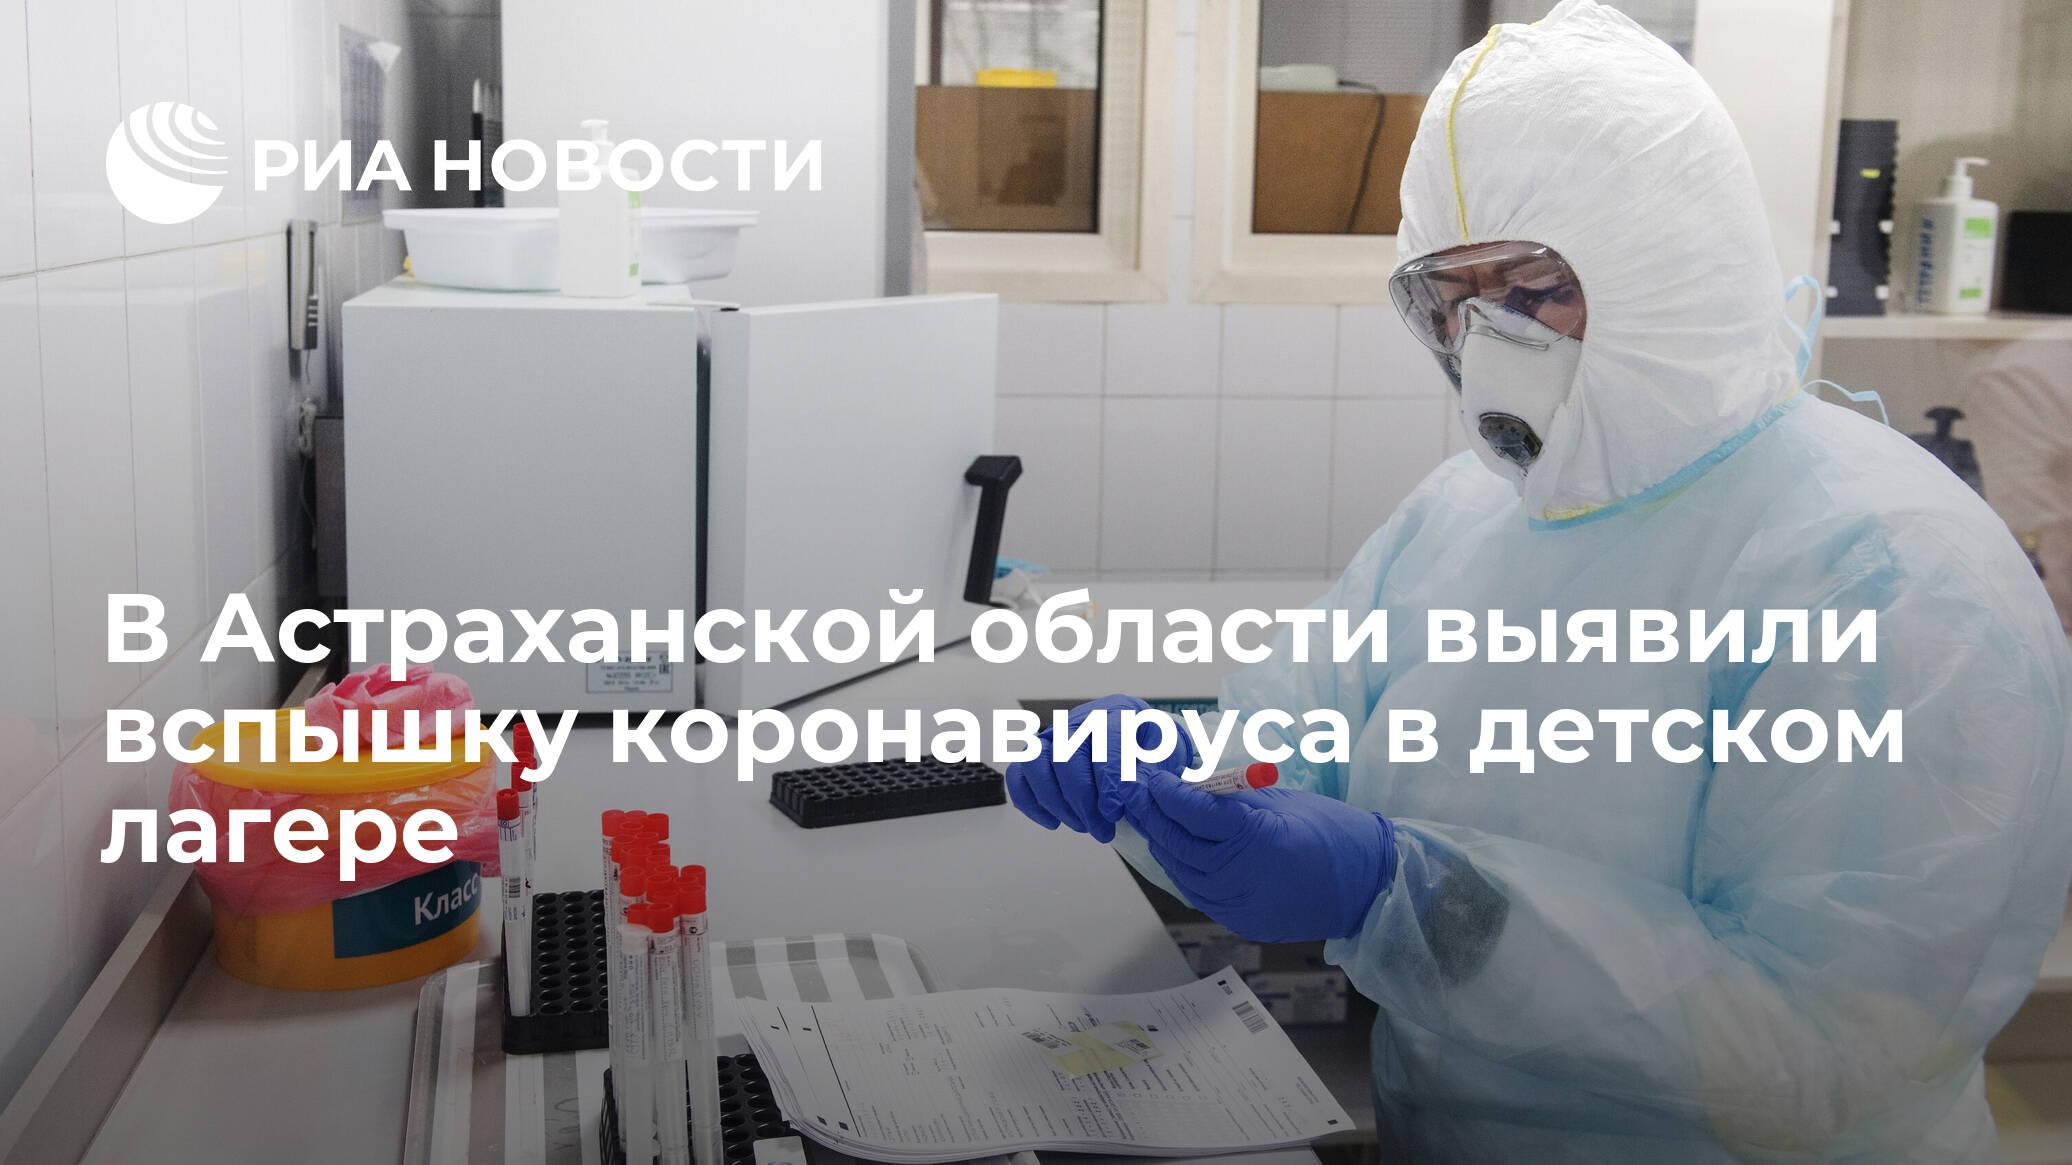 В Астраханской области выявили вспышку коронавируса в детском лагере